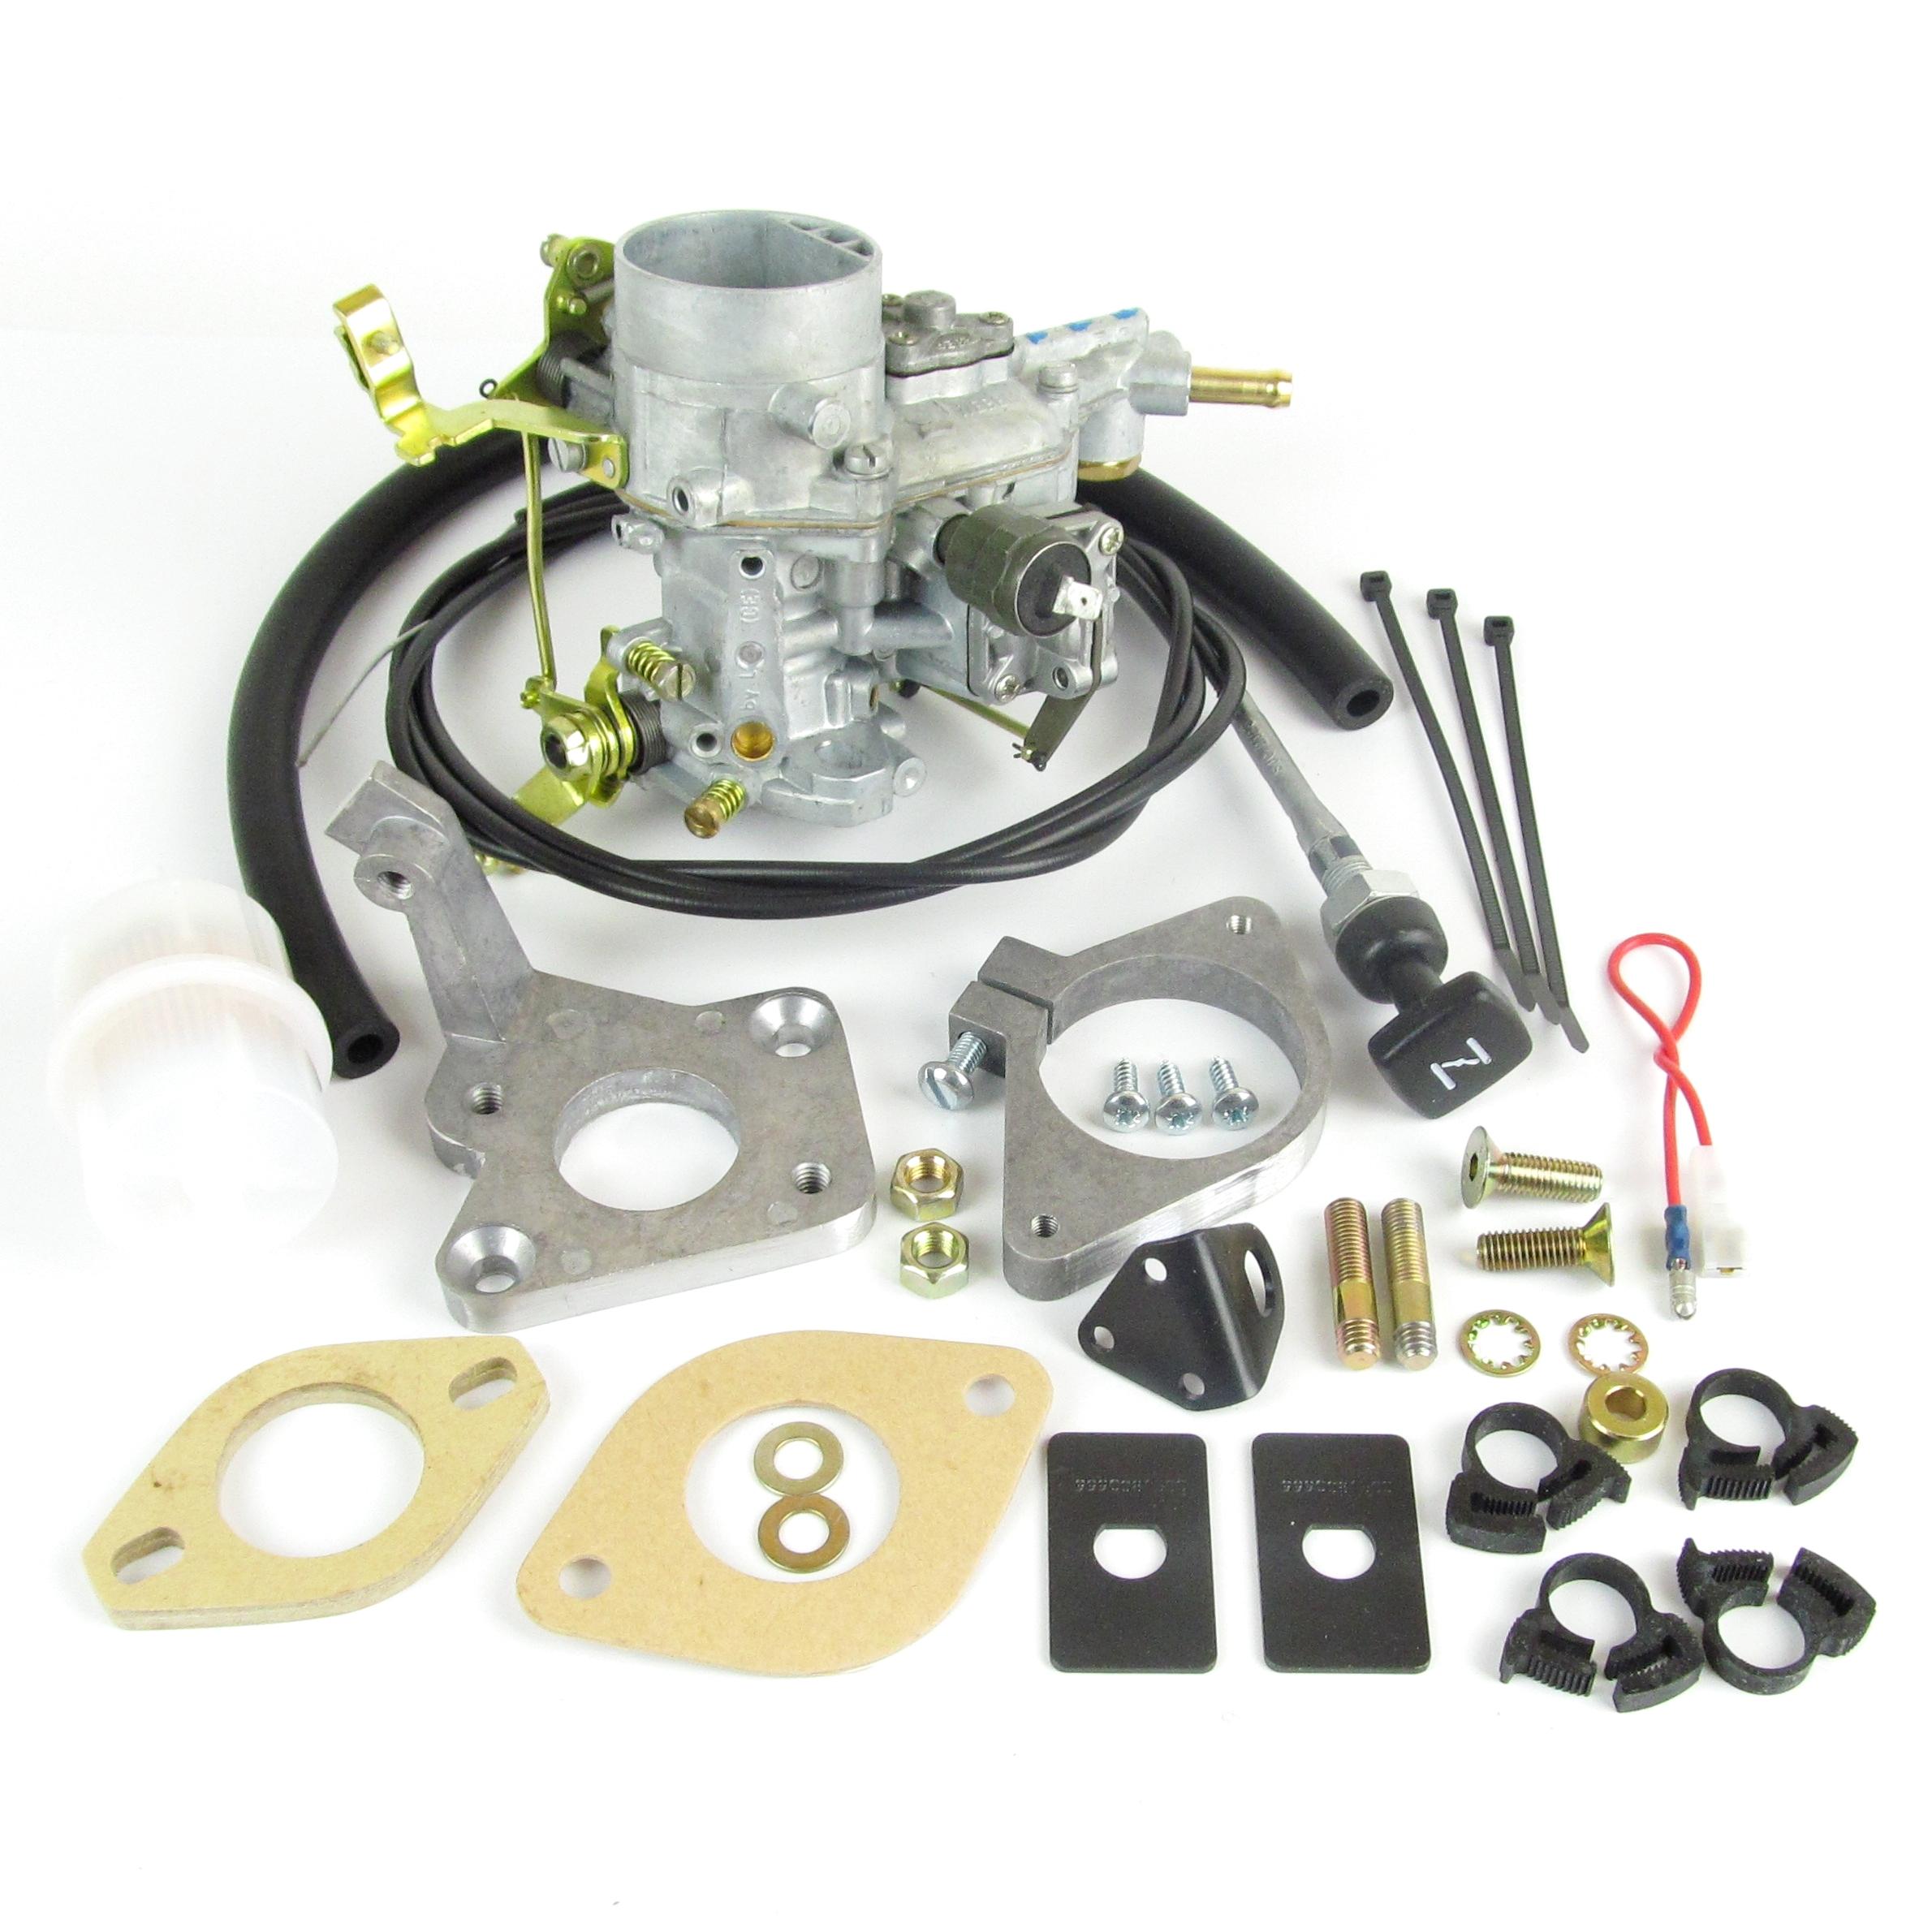 originele weber 34 ich carburator carburateur ford. Black Bedroom Furniture Sets. Home Design Ideas